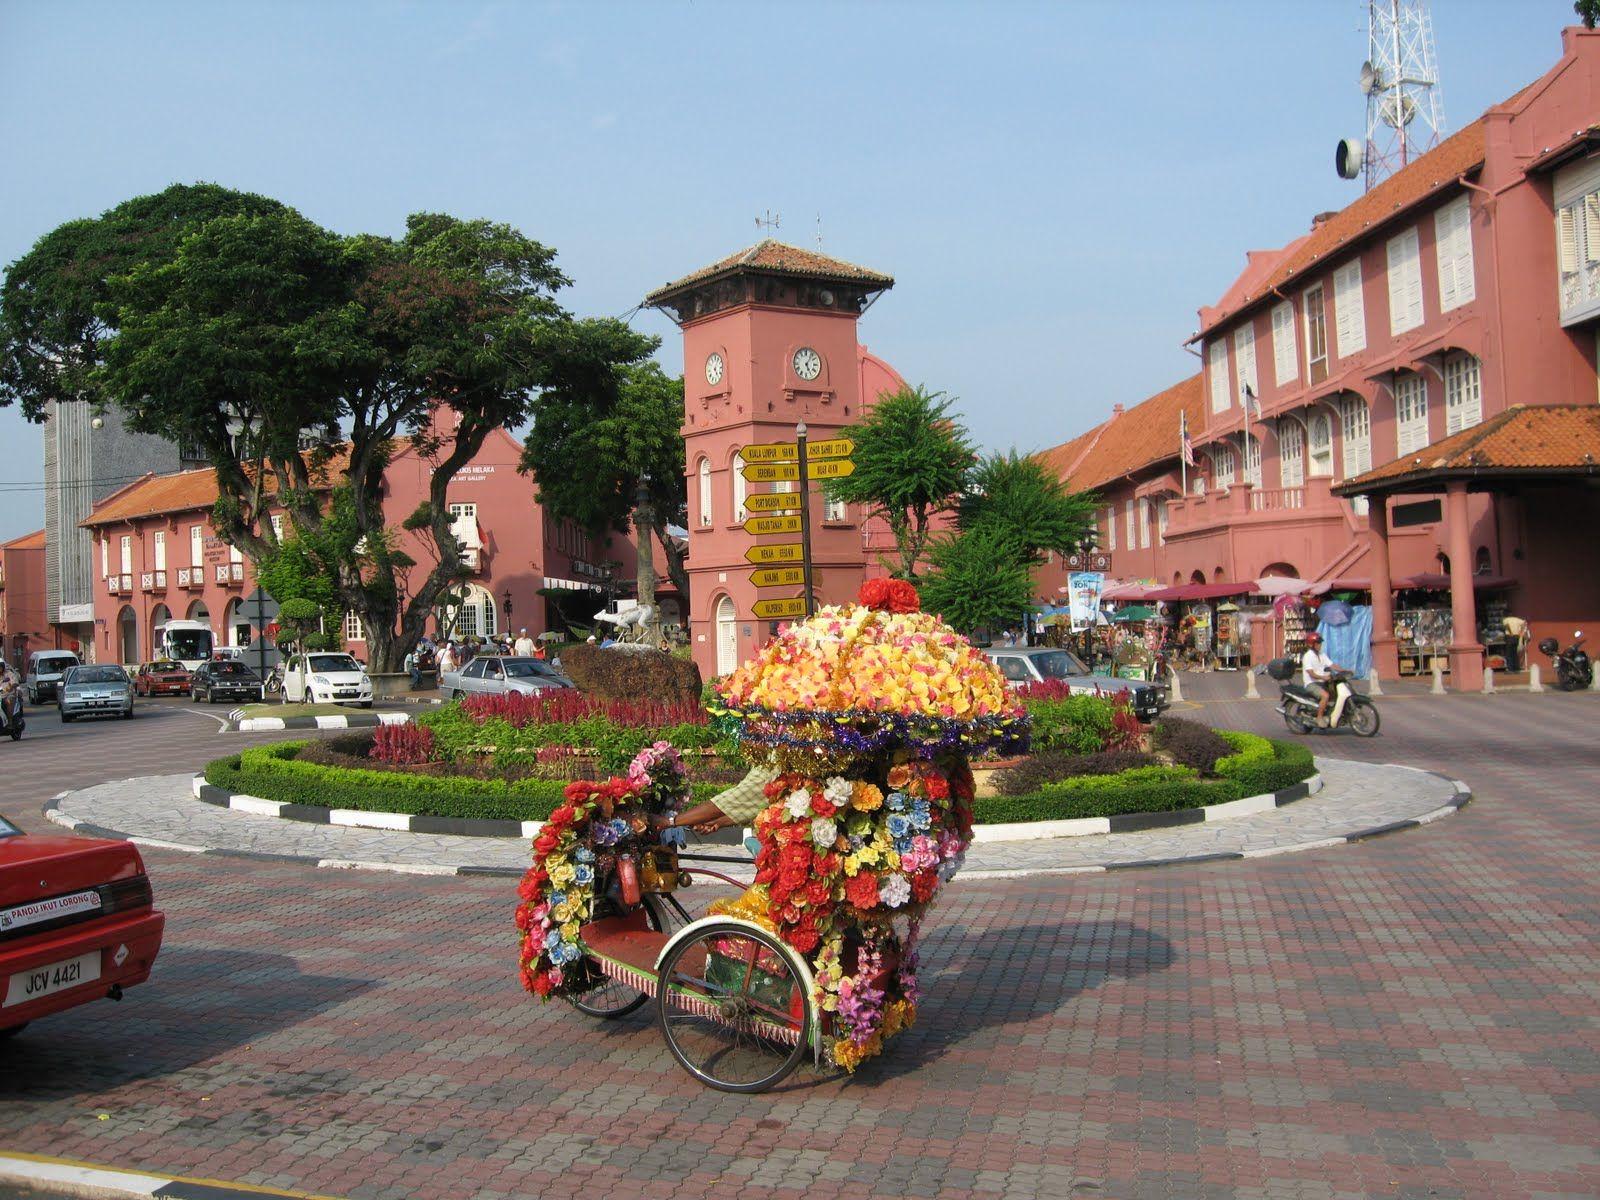 Tempat Menarik Di Malaysia Street View Scenes Travel